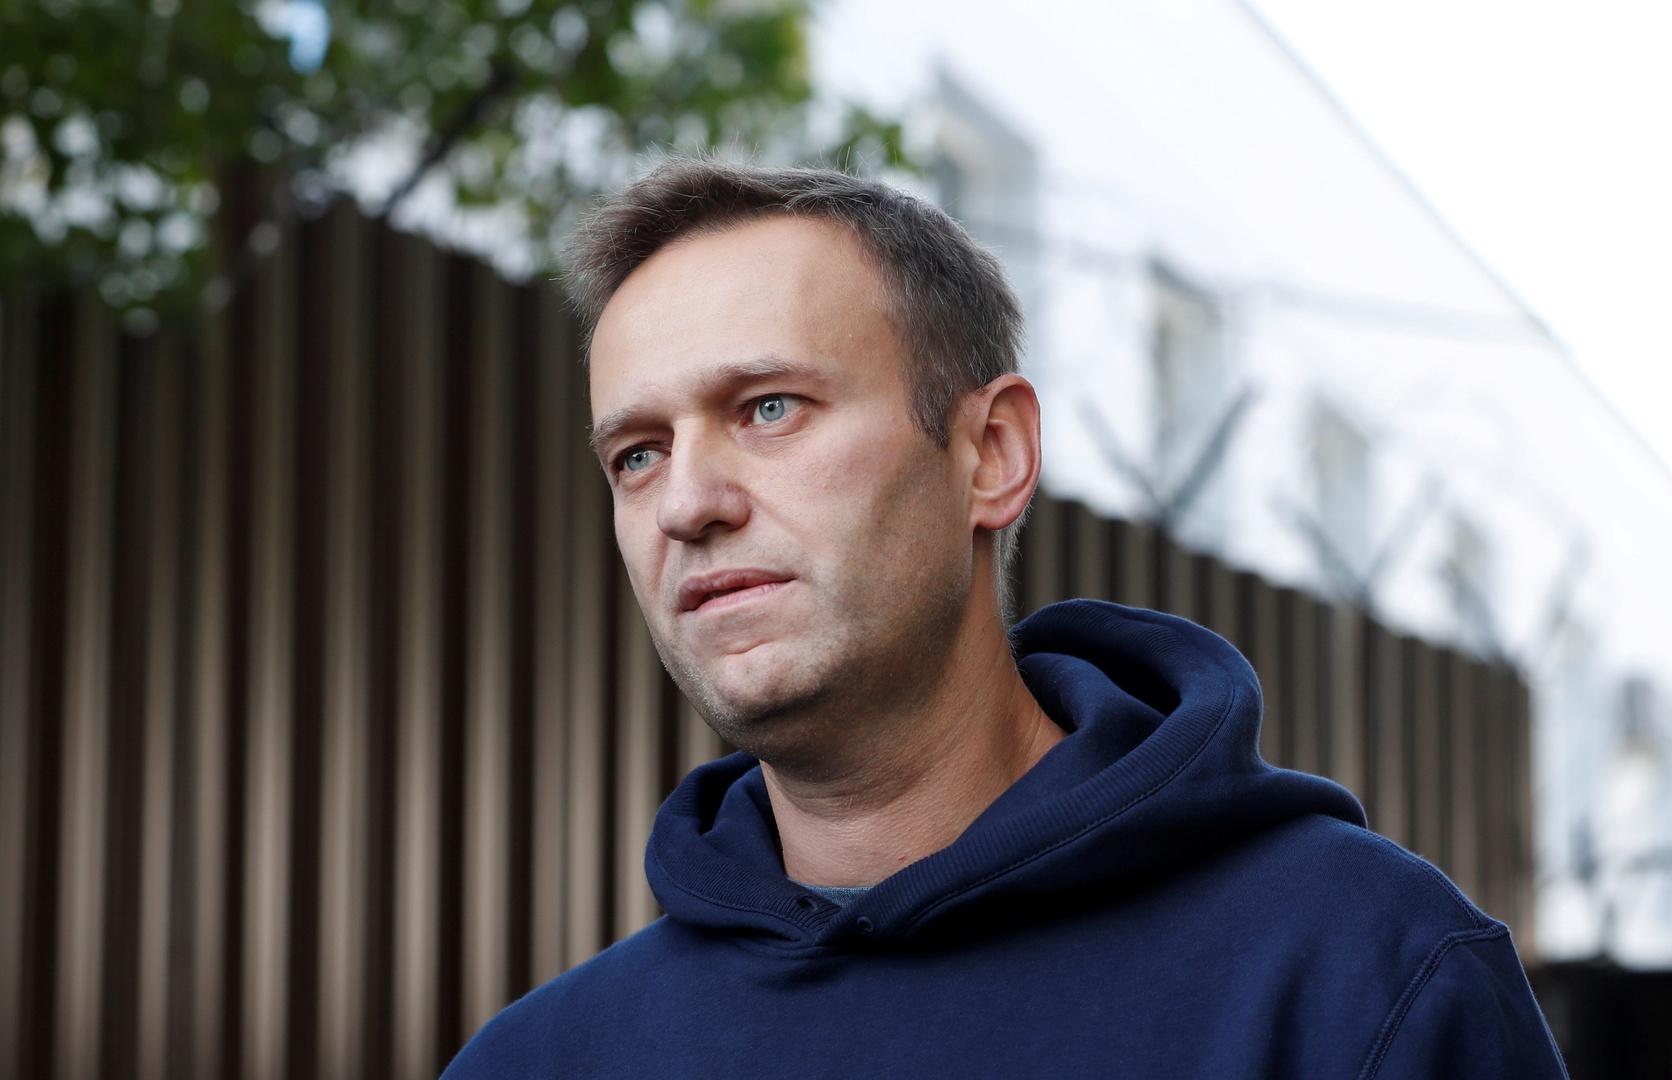 خبير ألماني يتحدث عن مكر السلطات الألمانية في قضية نافالني